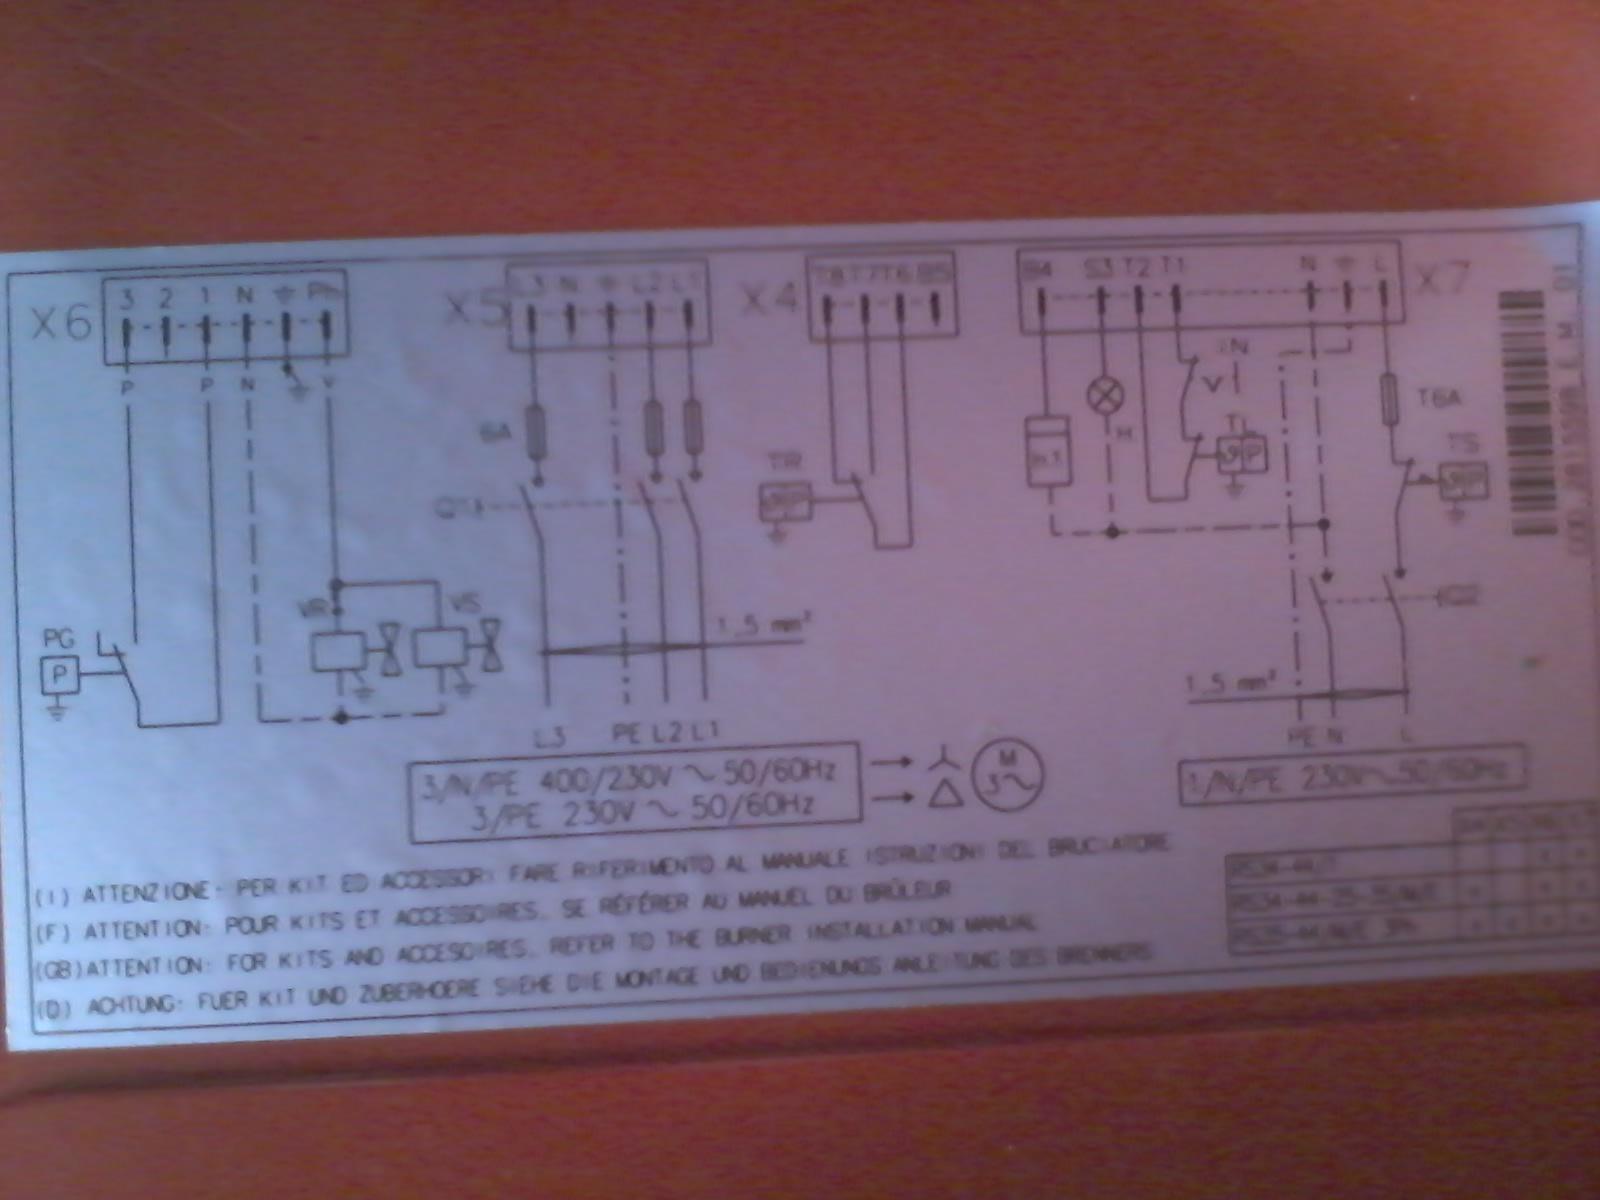 帮忙看下这个电路图,是锅炉燃烧机控制图,刚学,帮帮忙